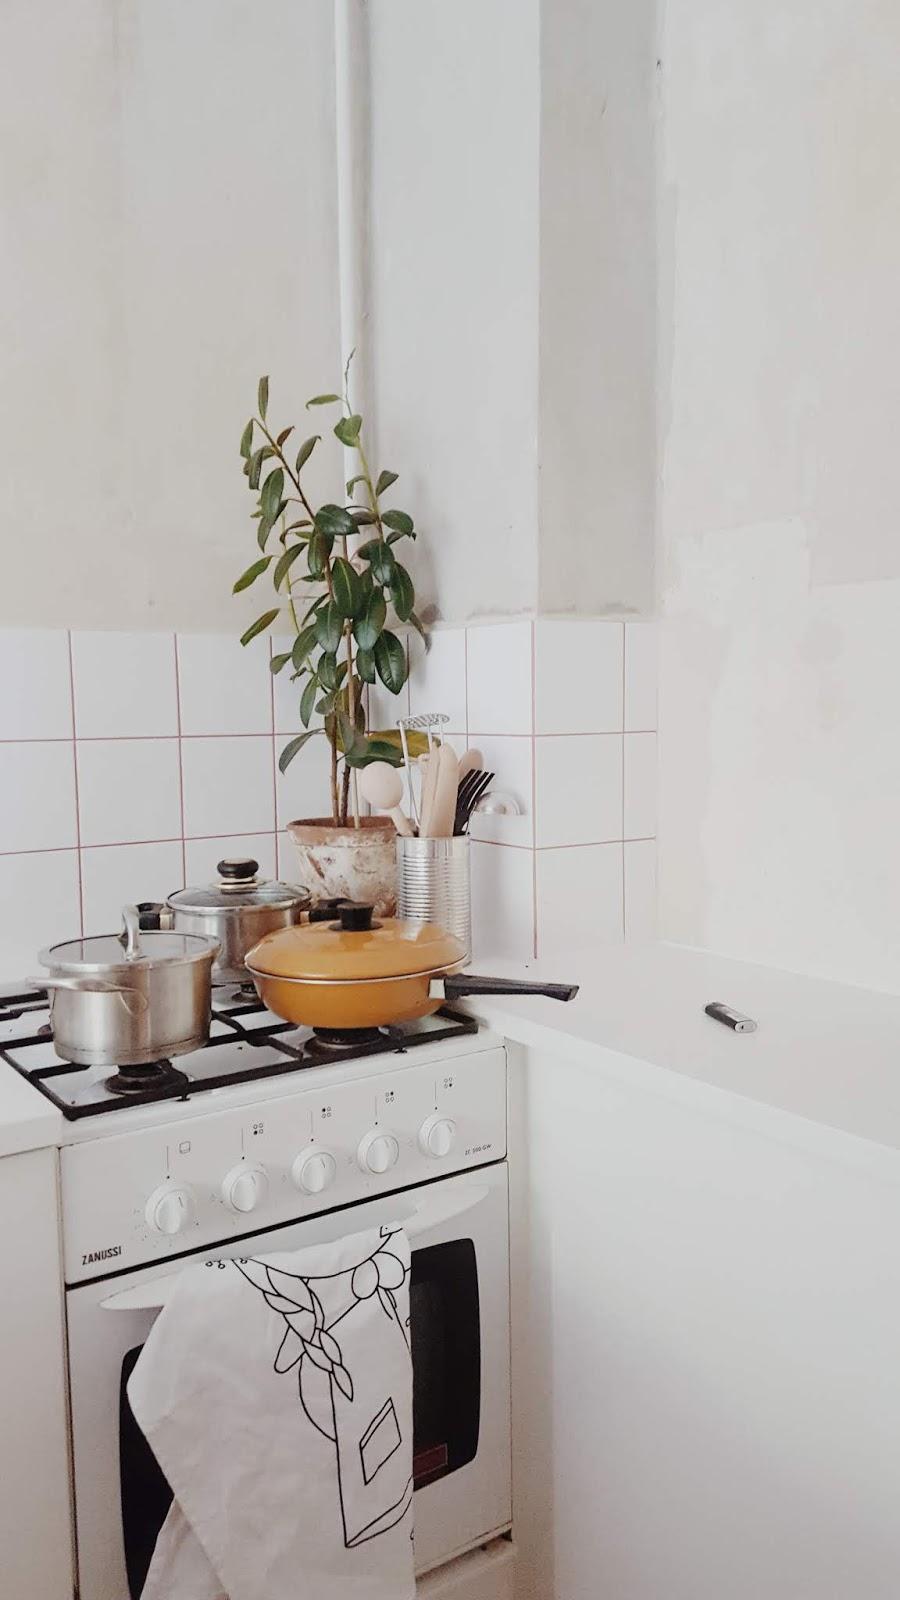 Kuchnia Ikea I Wabi Sabi Apetyczne Wnętrze Blog Wnętrza